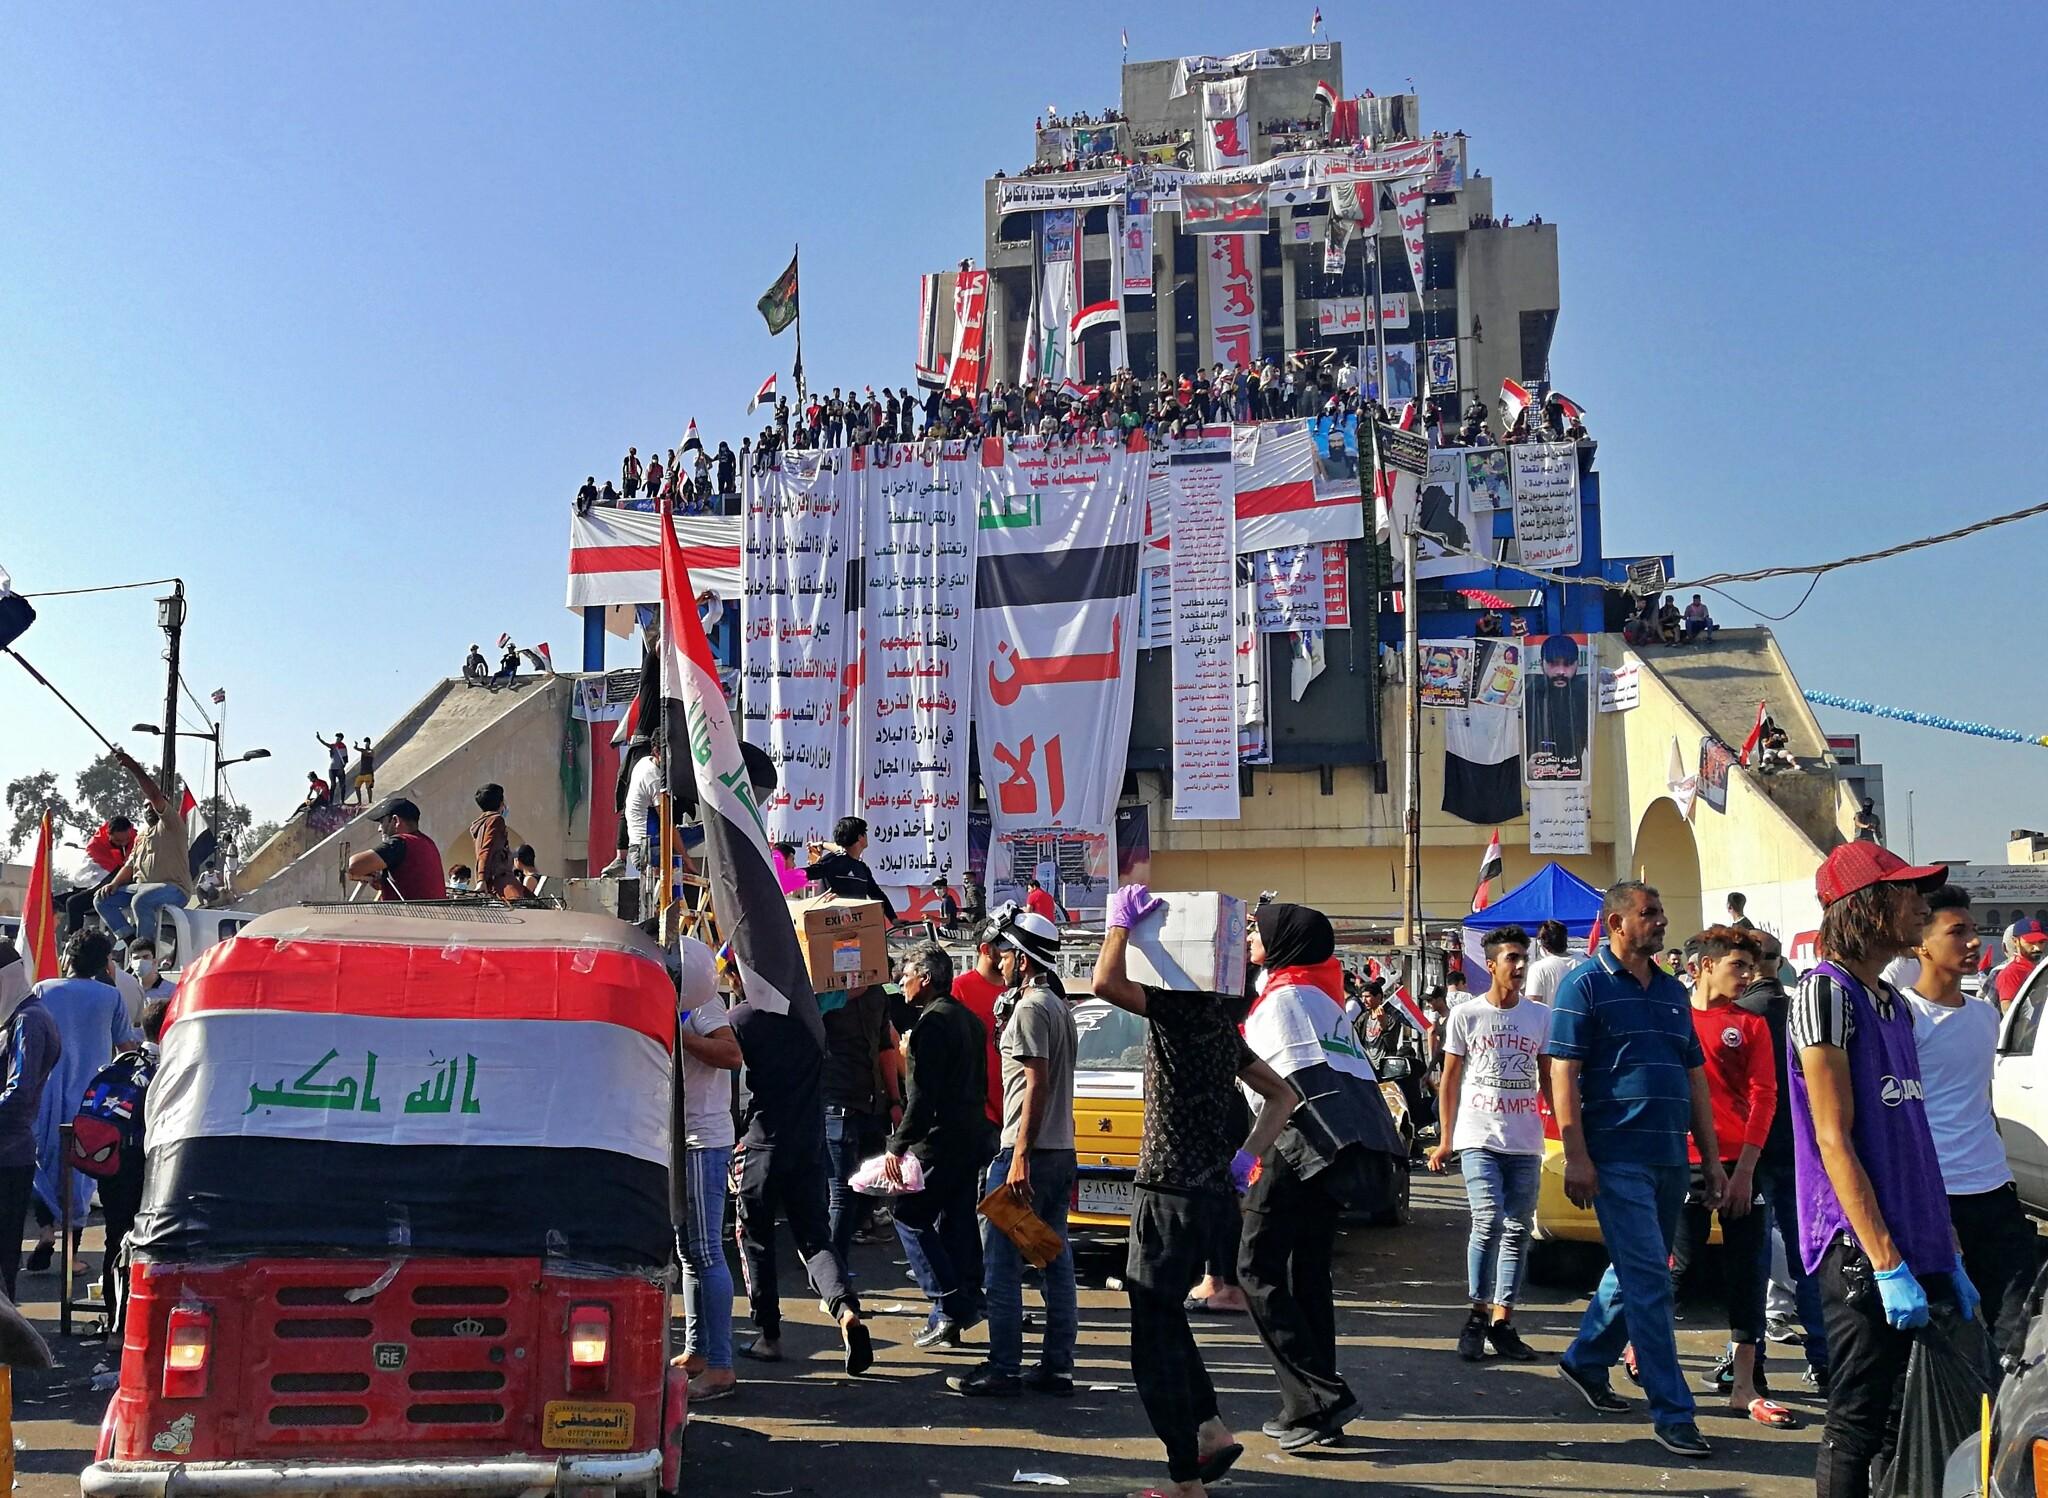 Tahrir plazan bildu zen hasieran protesta baketsua, Bagdaden.  Arras irudi diferentea ikusi dugu ondoren.